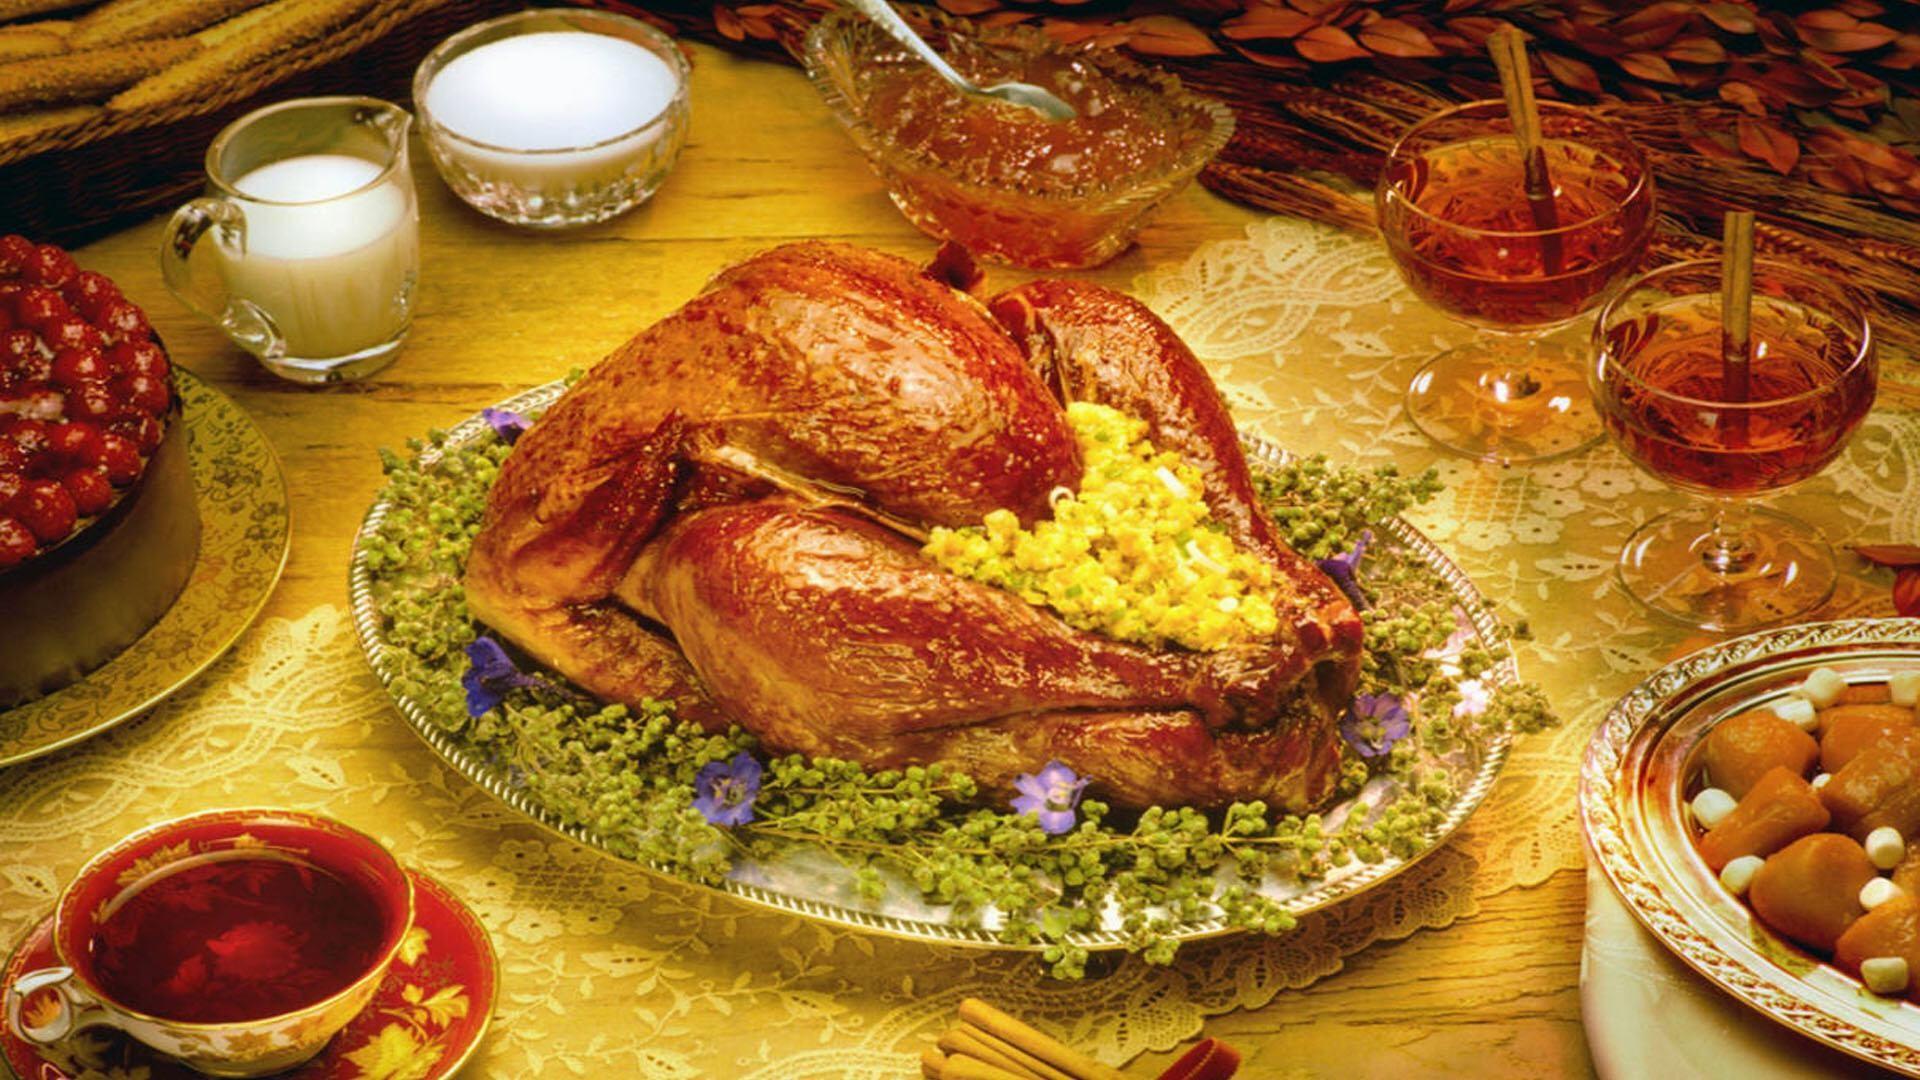 thanksgiving-dinner-wallpaper-wp6409960